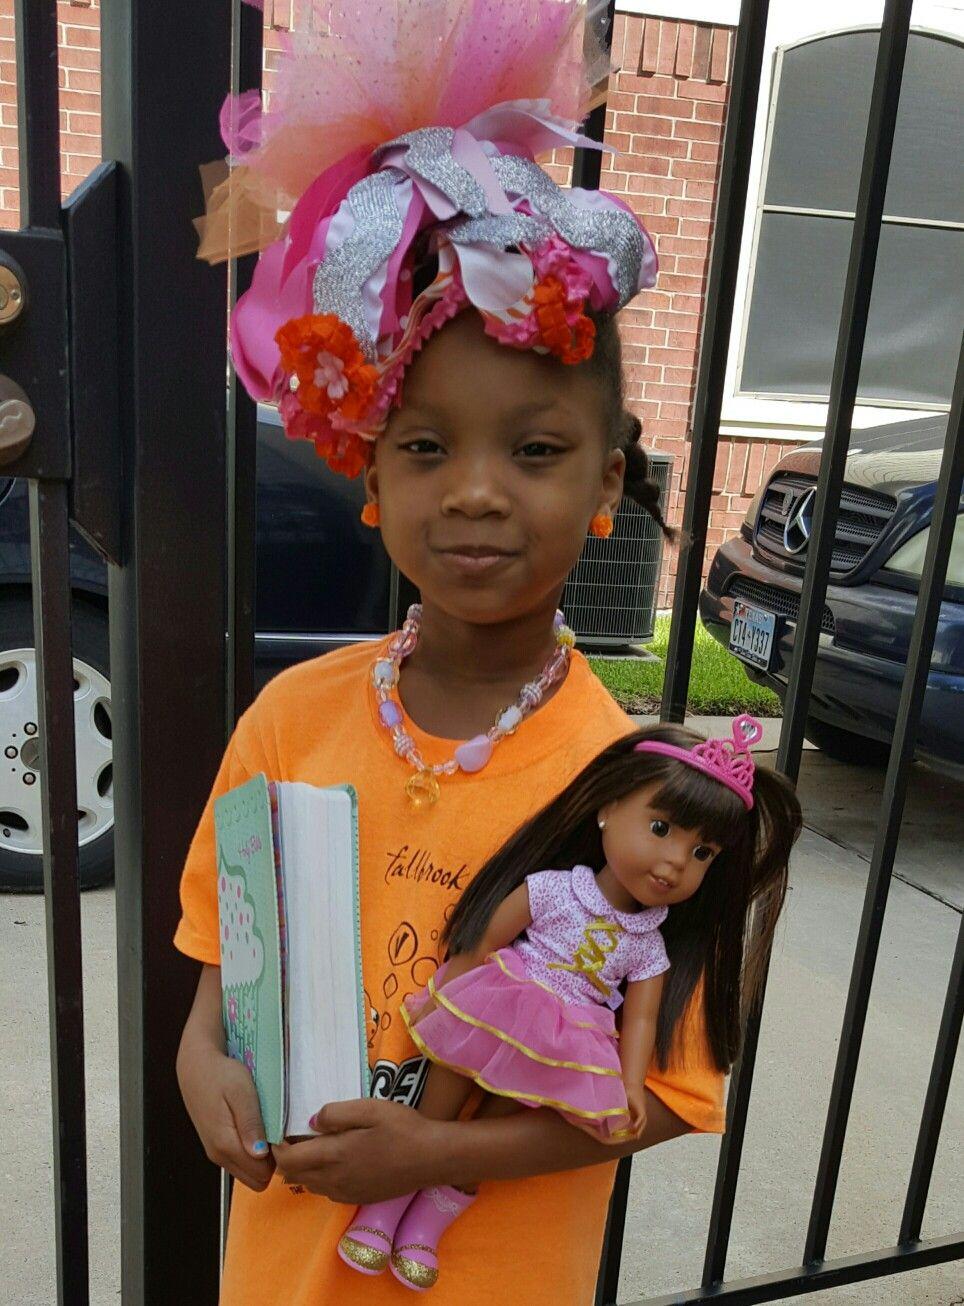 American Girl Doll Ashlyn got her Ears Pierced and is wearing American Girl Doll earrings. #WellieWishers #americangirlbrand #agig #agiger